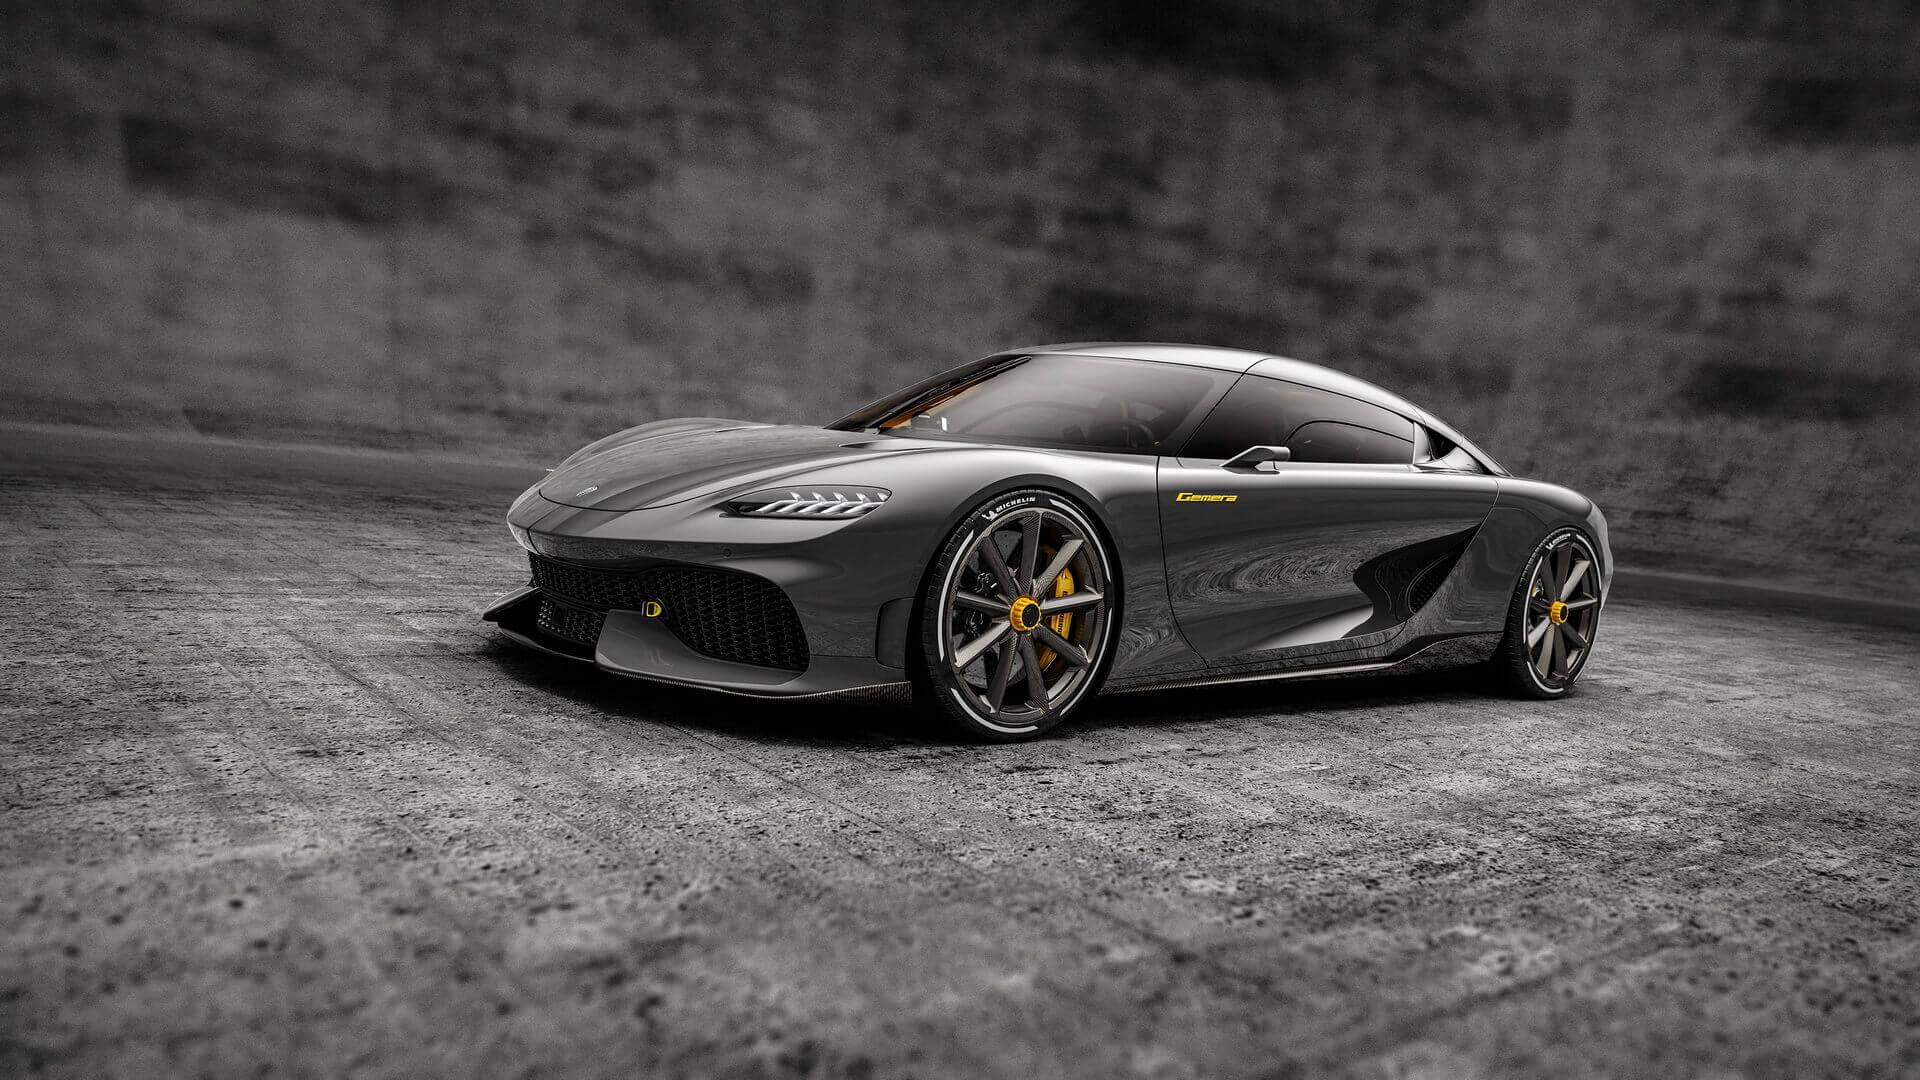 Koenigsegg планирует выпустить Gemera в ограниченном количестве из 300 экземпляров